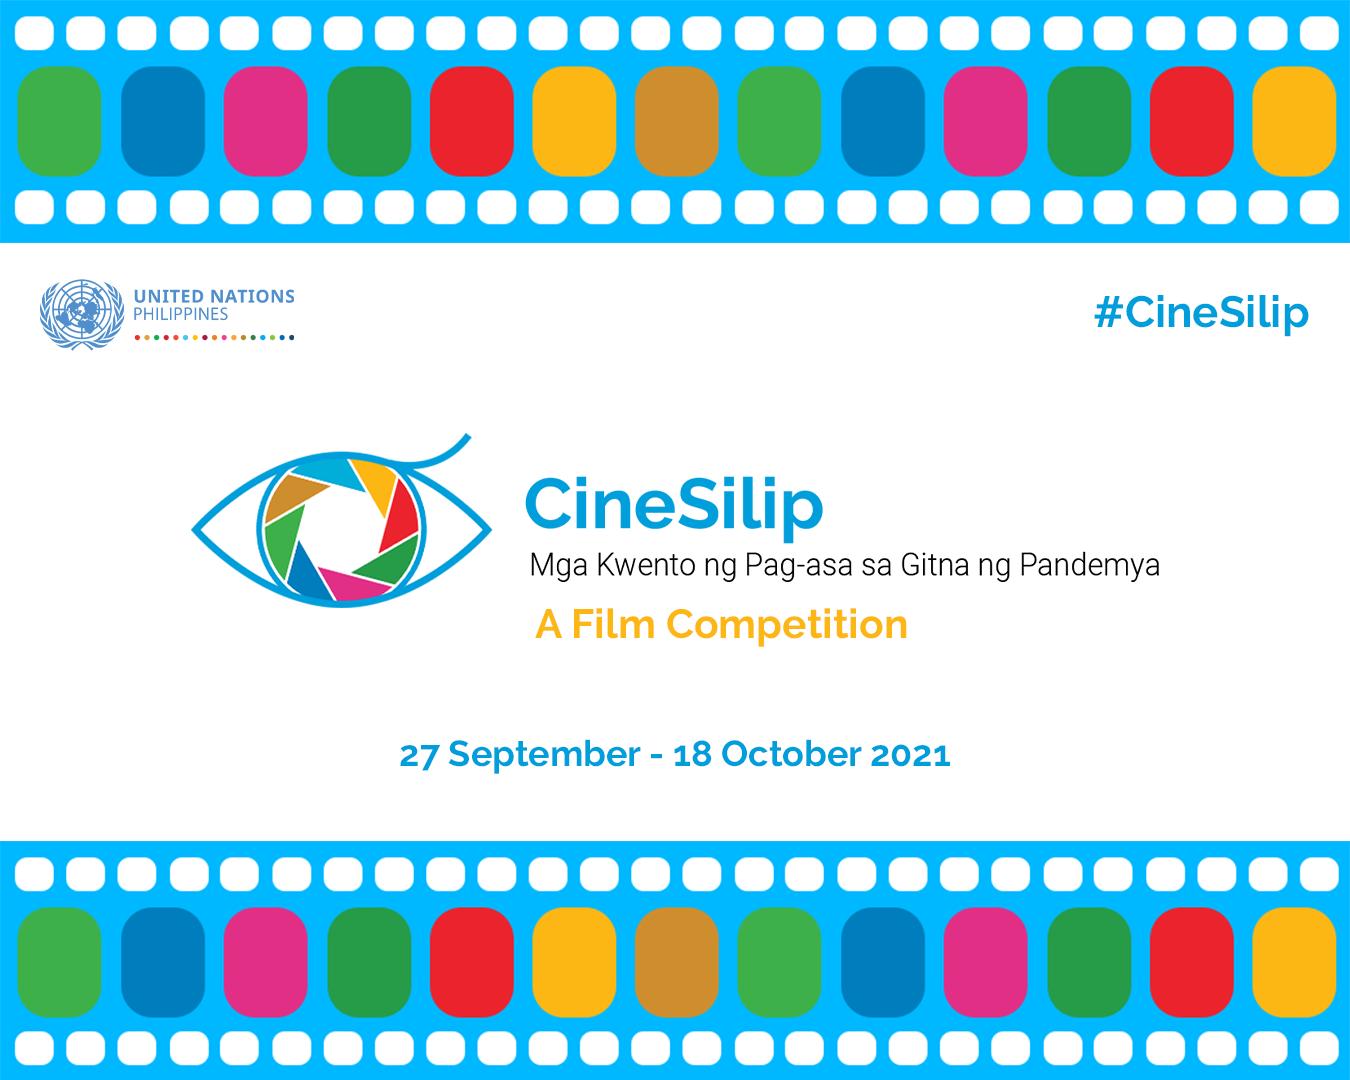 CineSilip